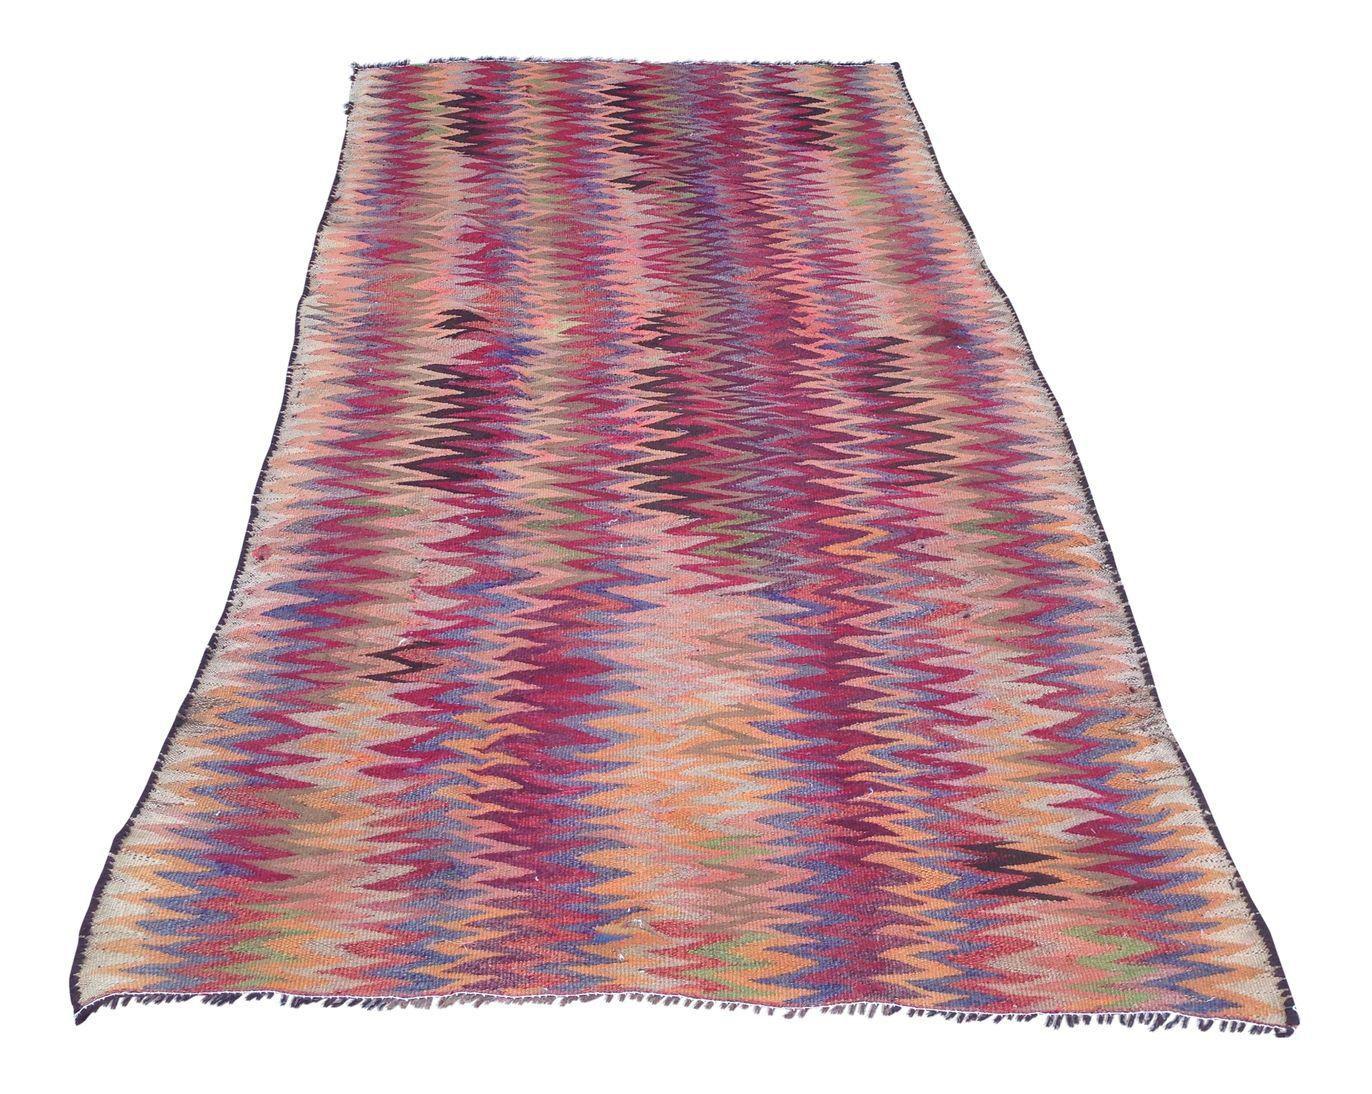 Handmade Vintage Kilim uu uu Geometric designs Persian